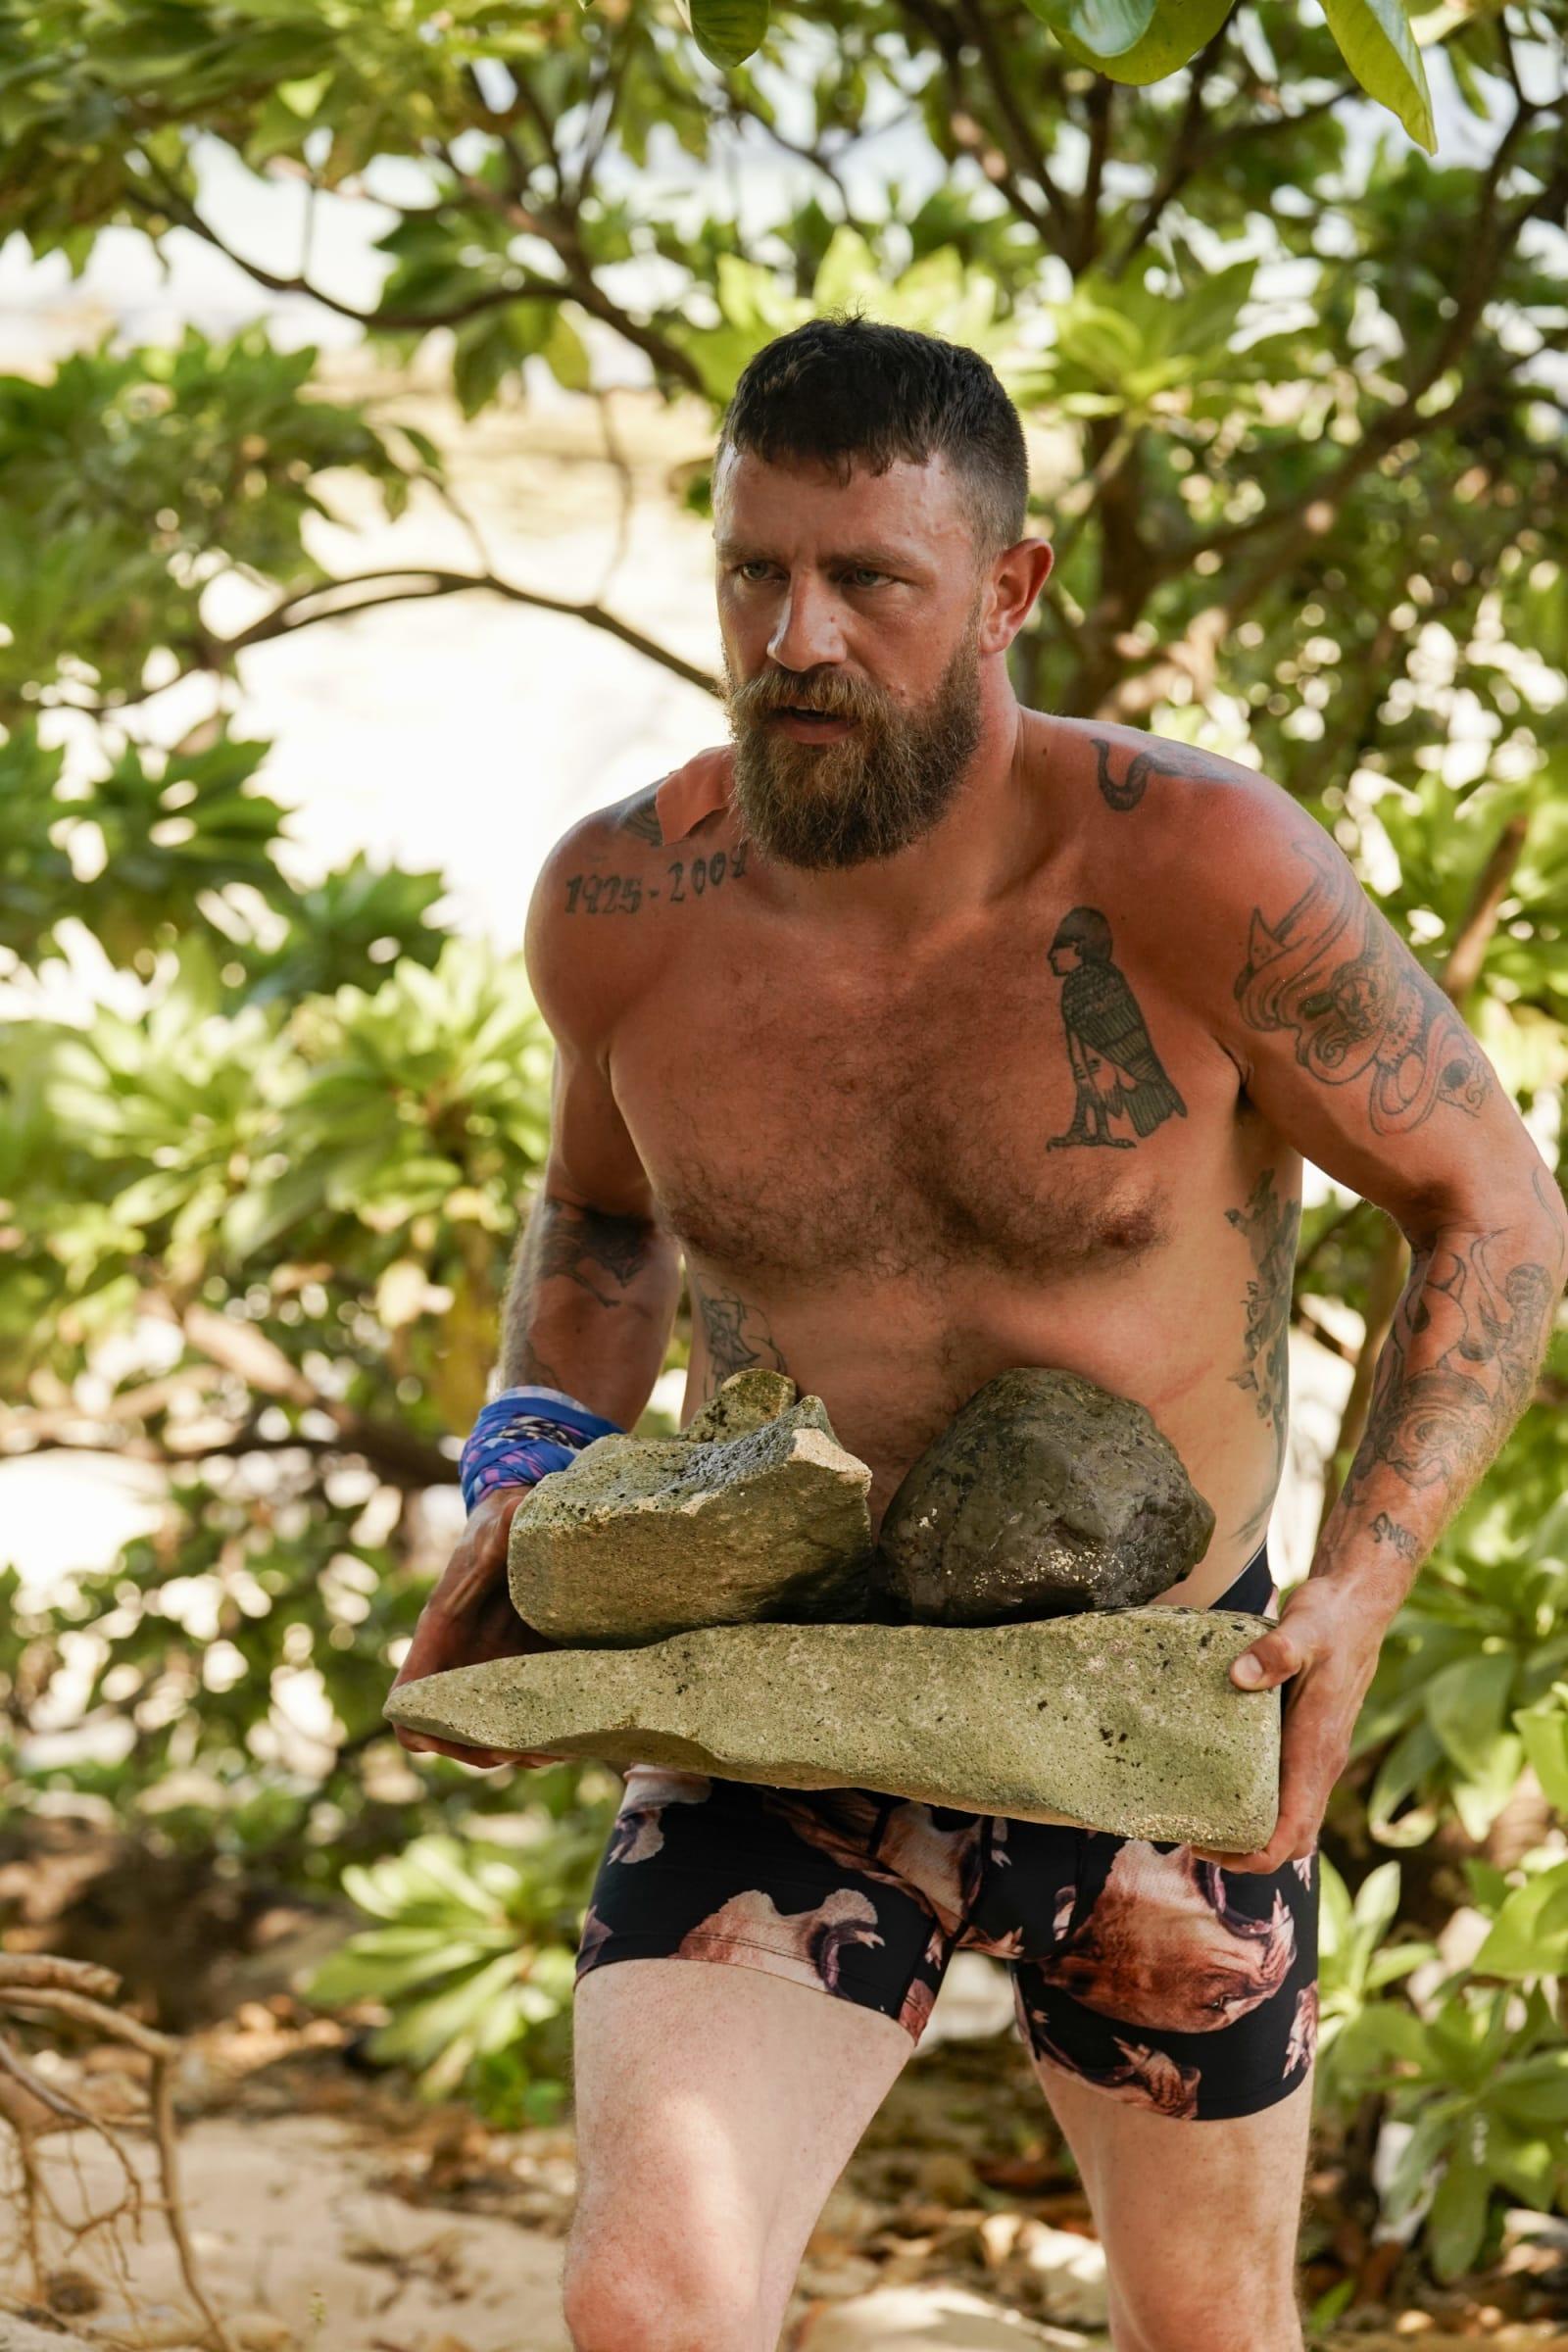 Ben Driebergen Survivor Winners at War episode 1